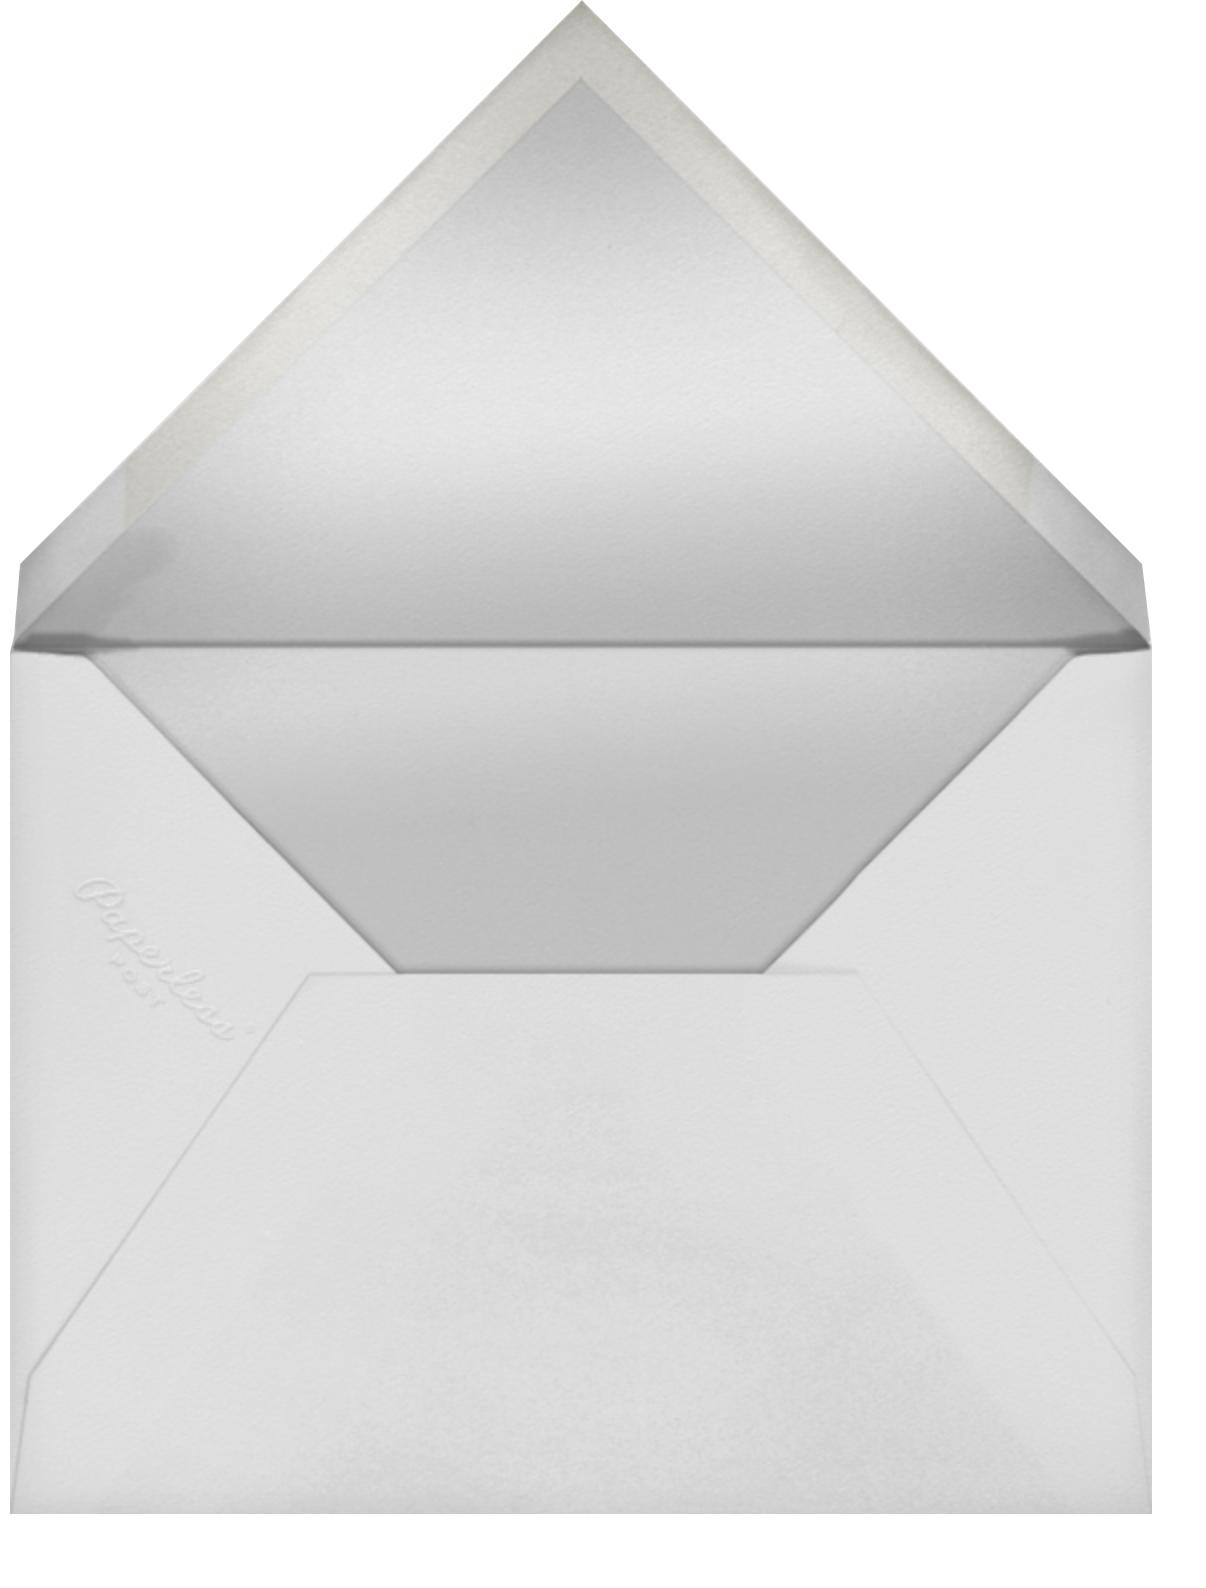 Joie de Vivre (Menu) - Paperless Post - Menus - envelope back